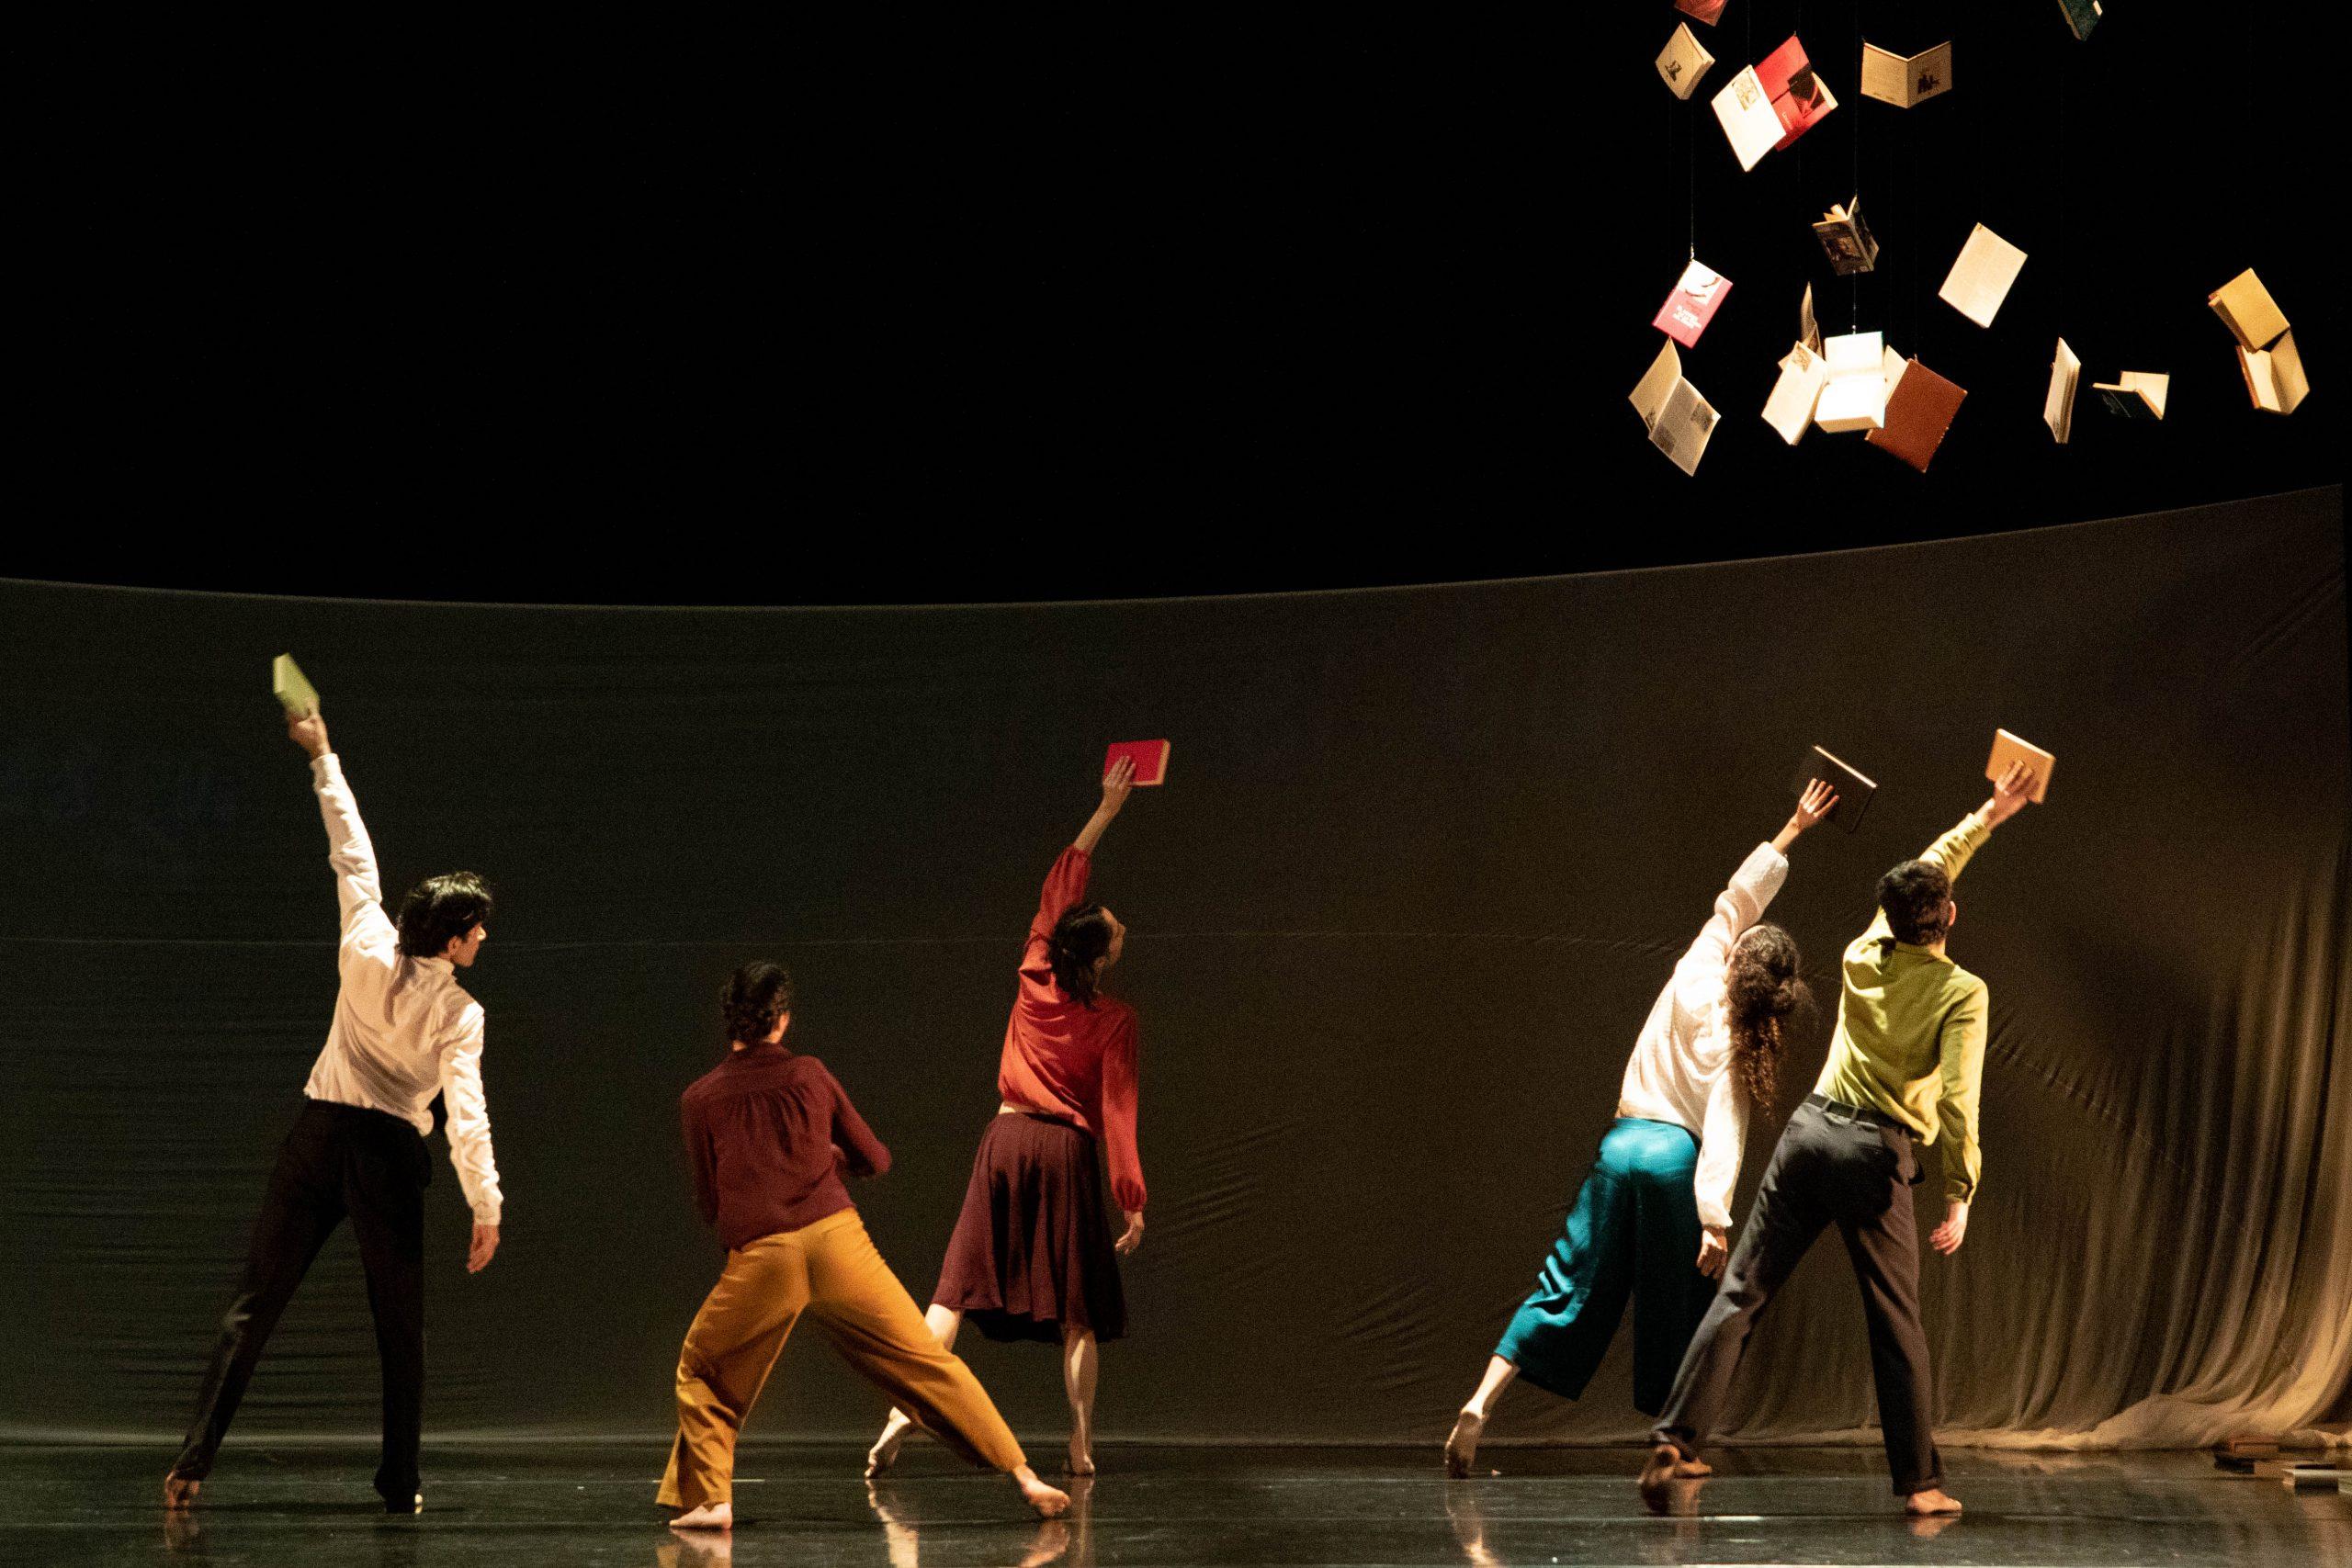 Burriana acerca la vida y obra de Antonio Machado con un espectáculo de danza contemporánea